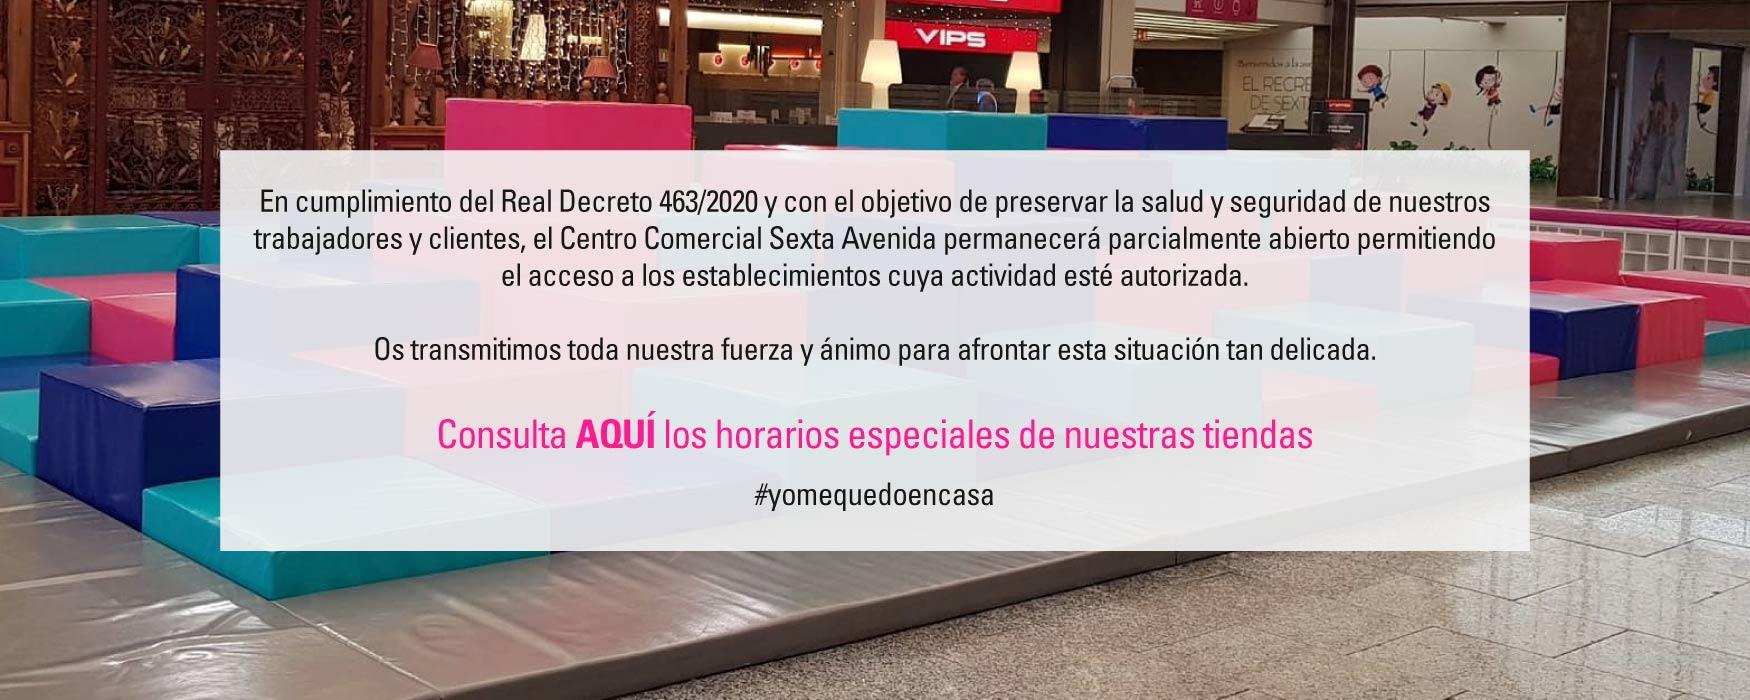 comunicado-covid-tiendas-sexta-avenida